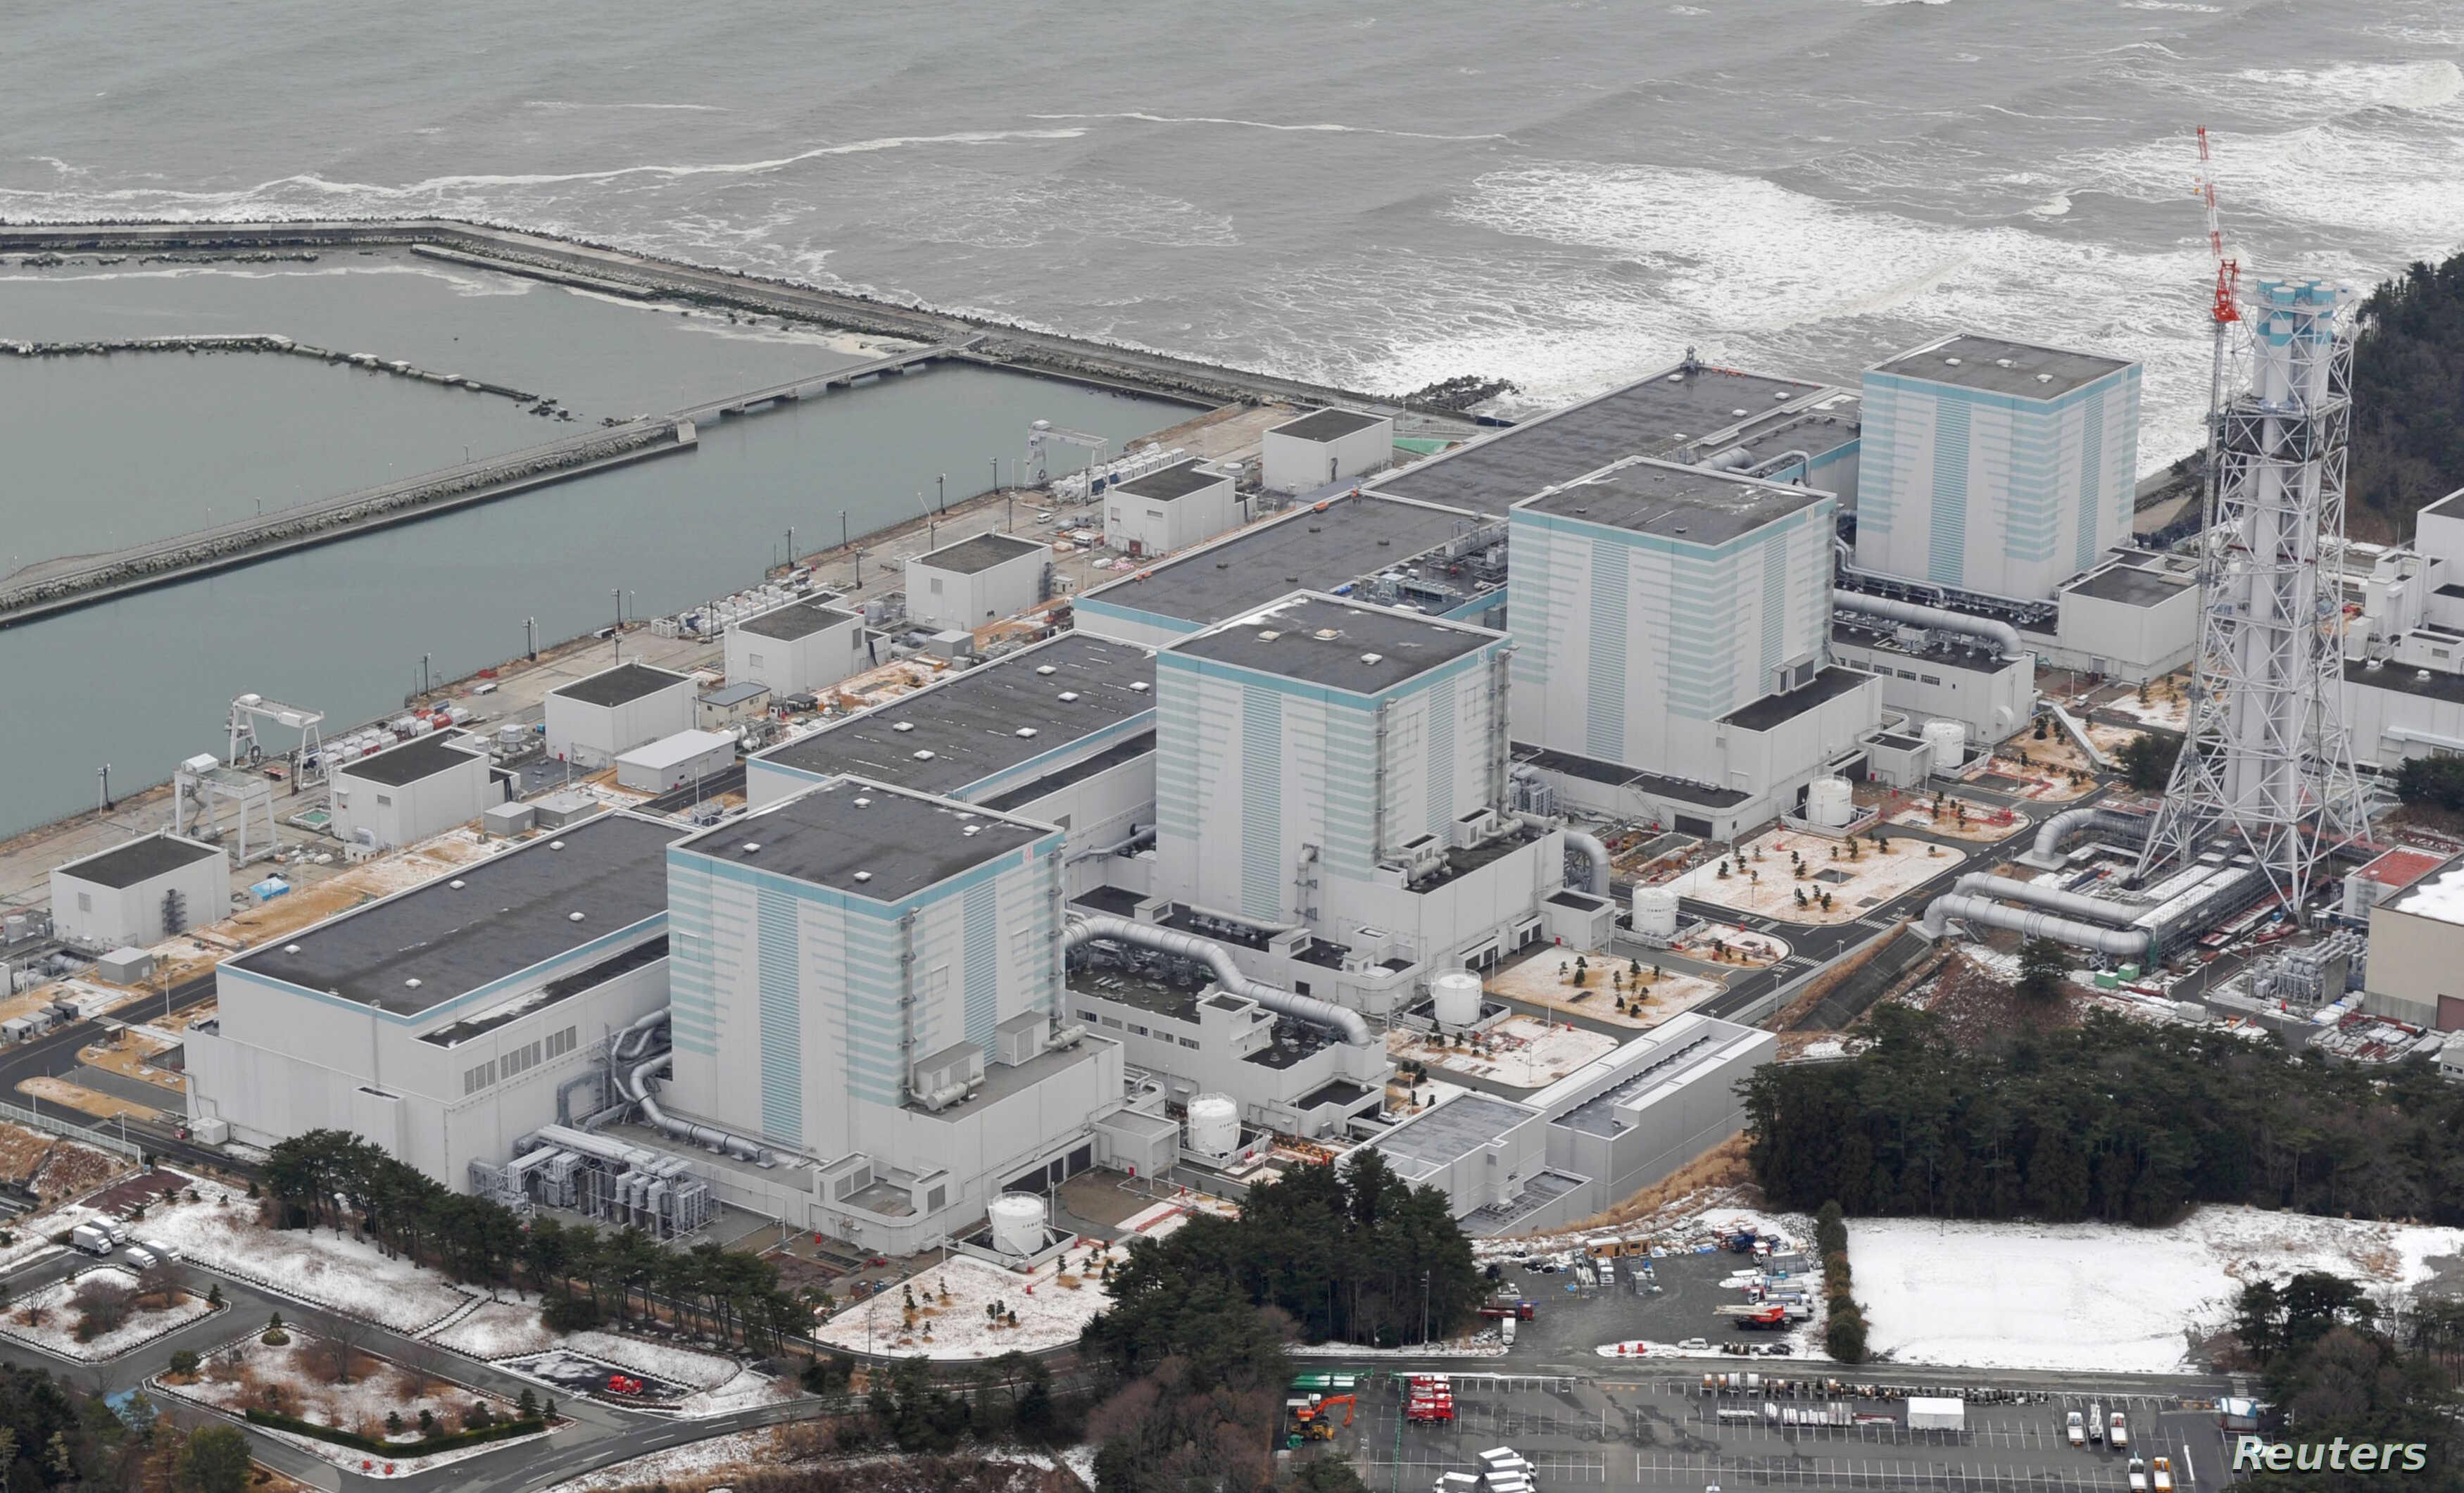 3.11地震十周年,核泄漏事件還在危害公眾